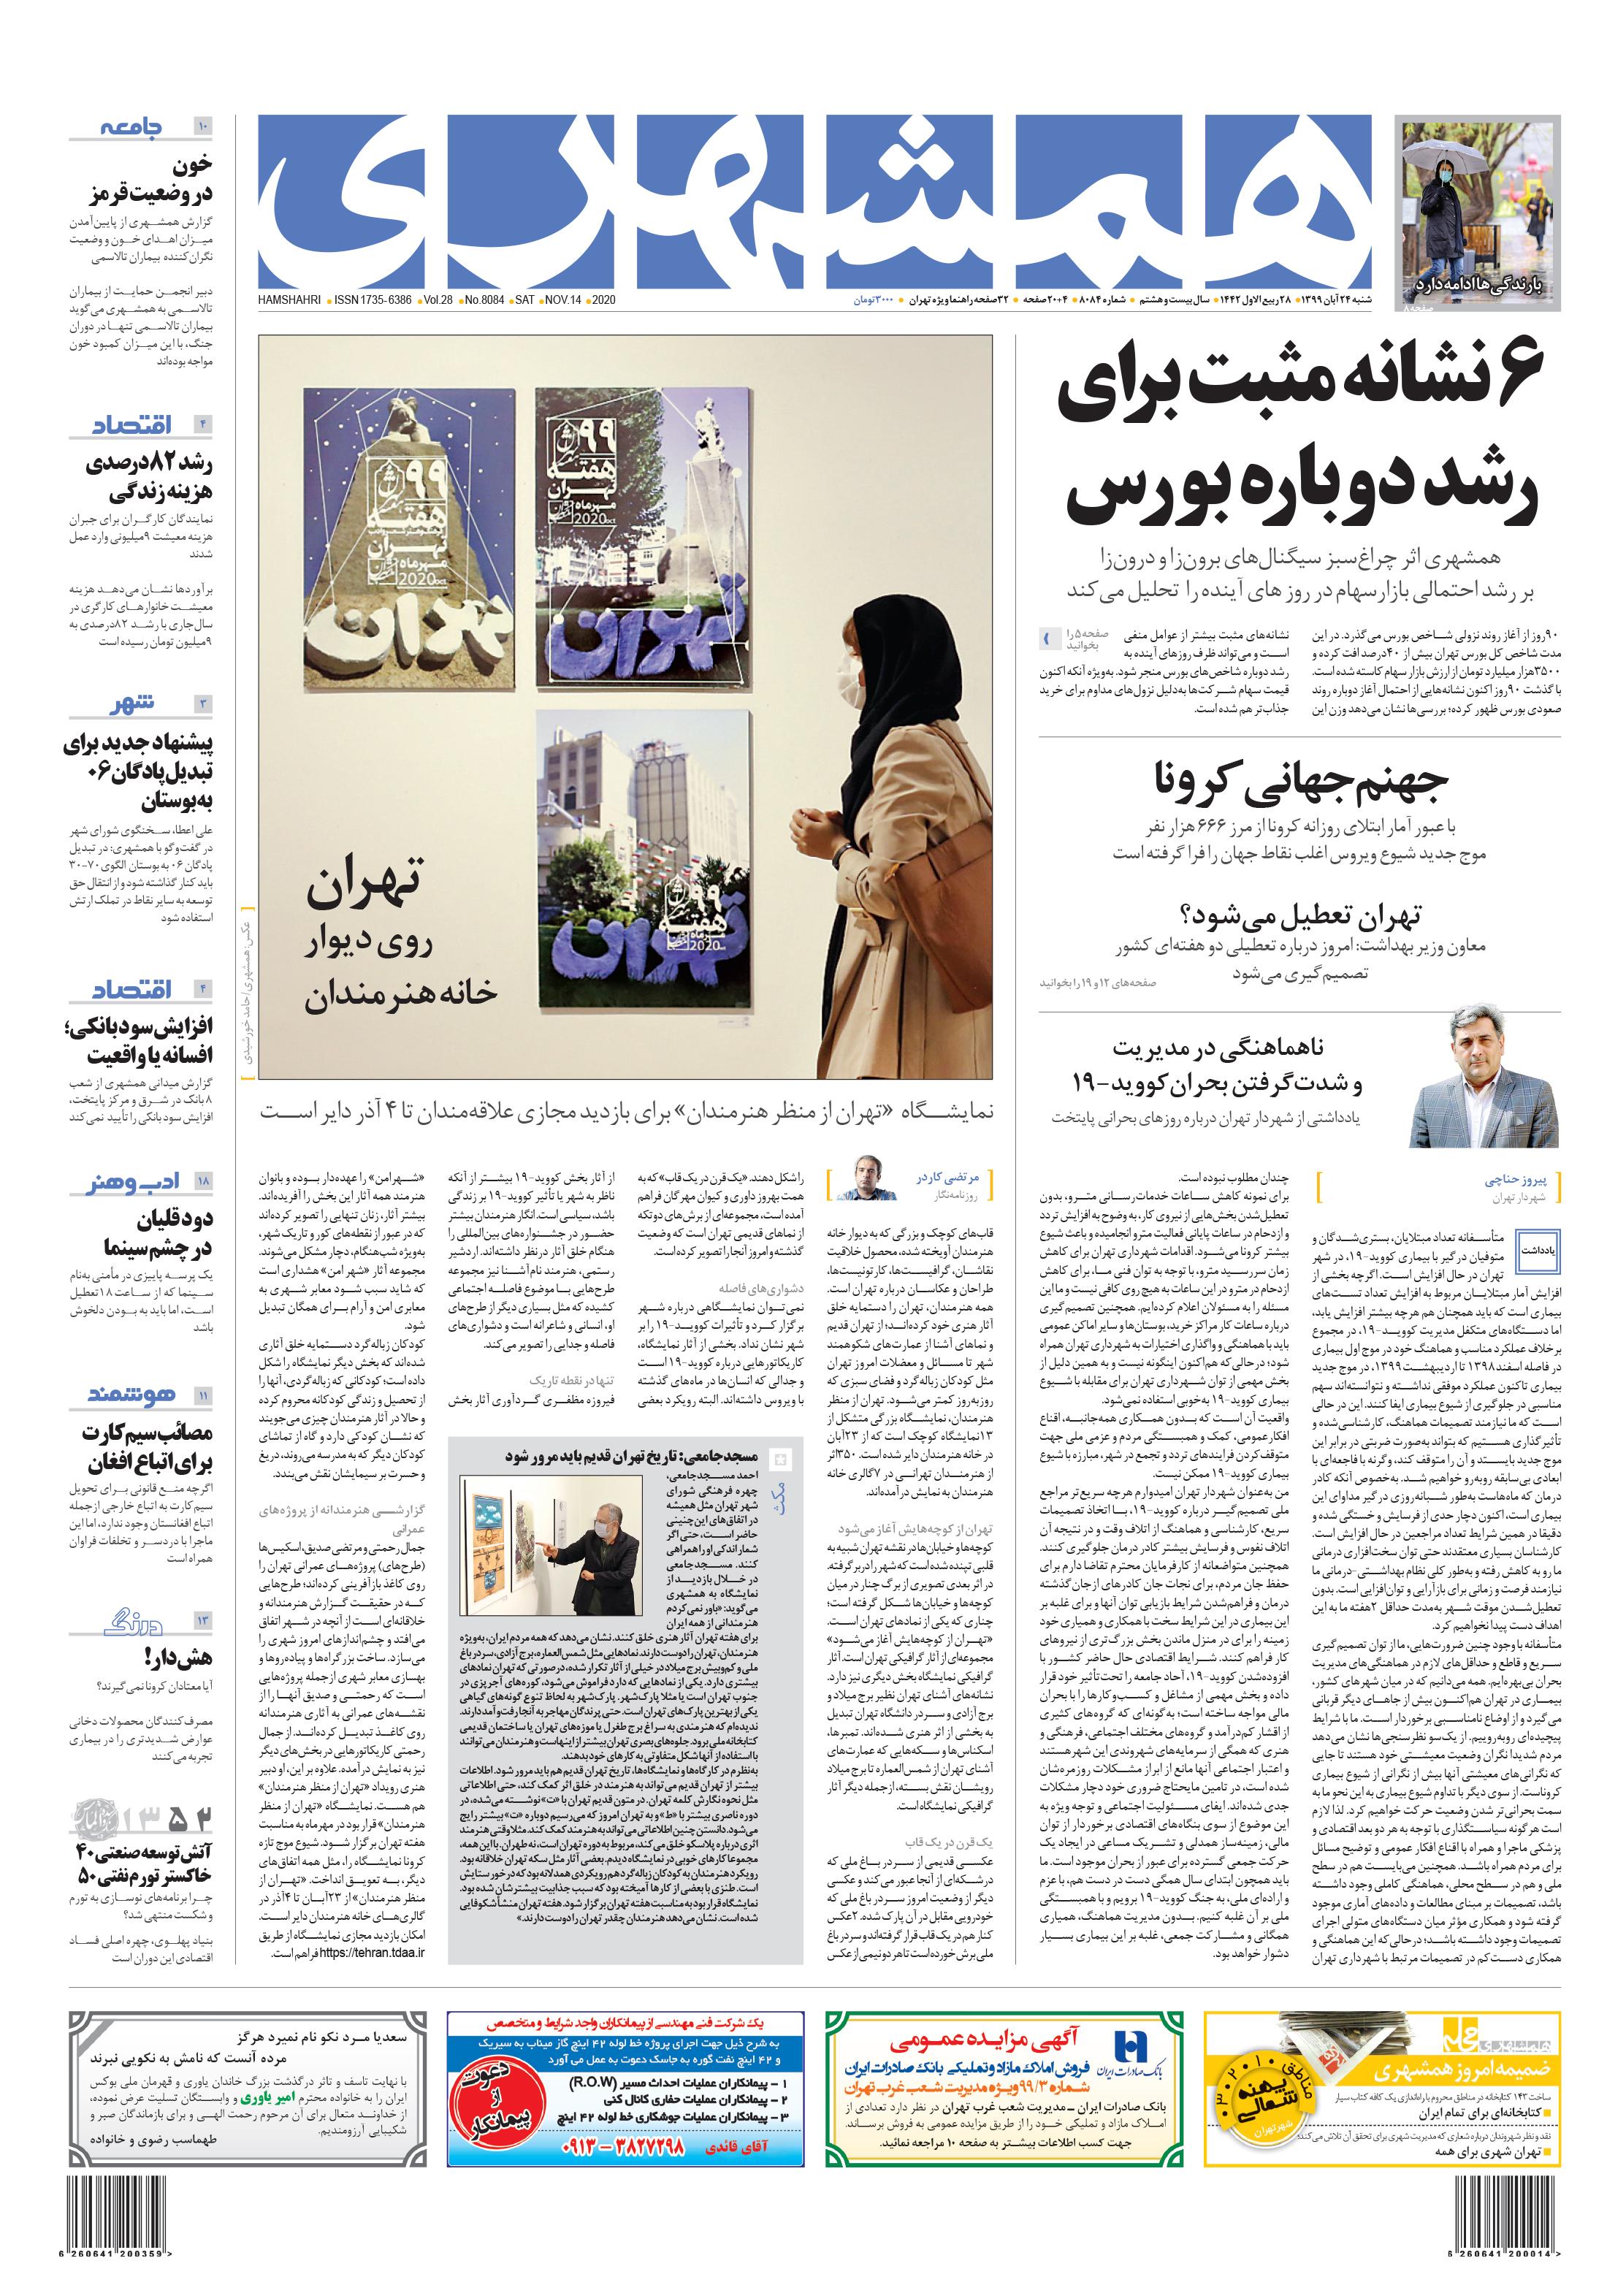 صفحه اول شنبه 24 آبان 1399